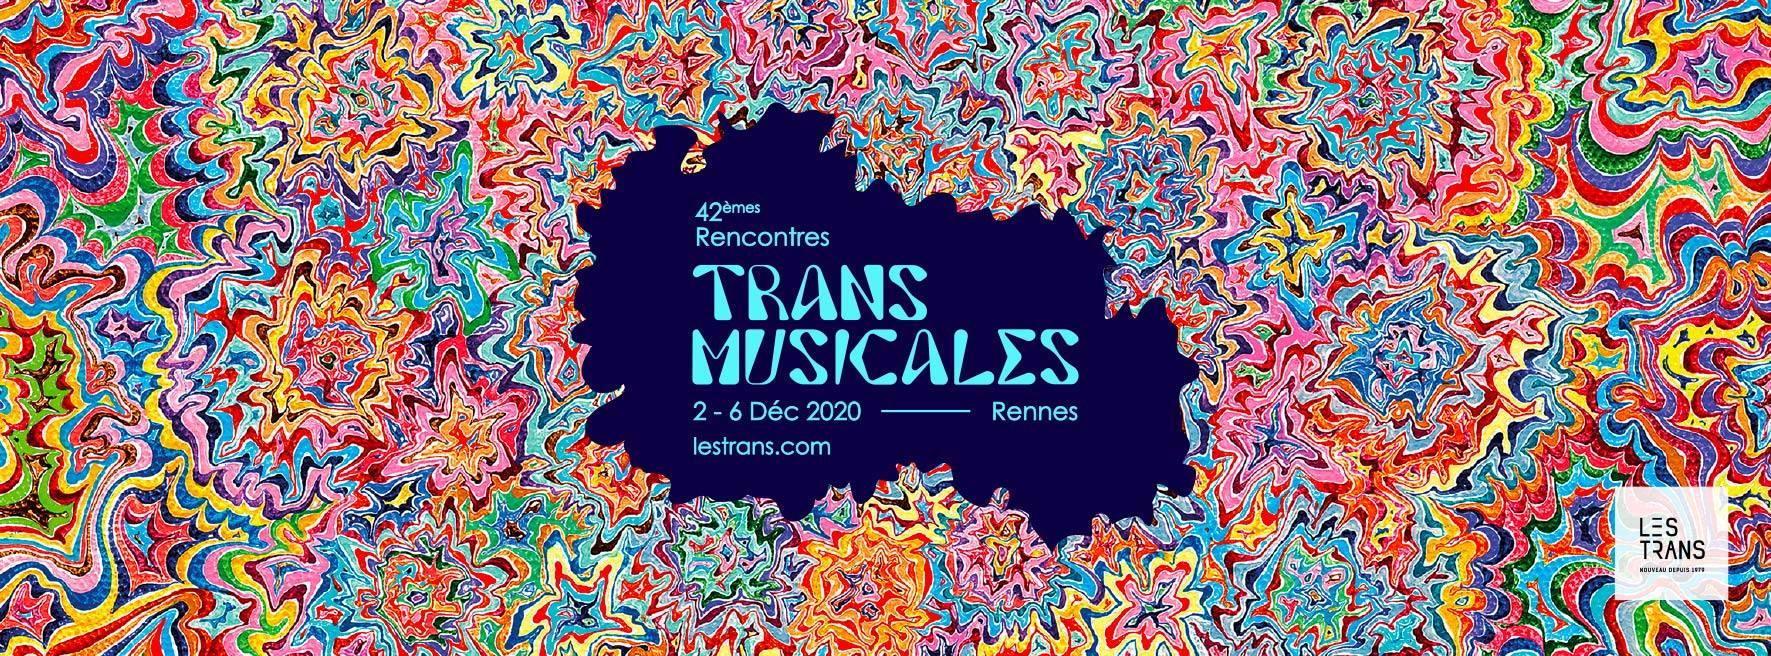 Trans Musicales de Rennes 2020